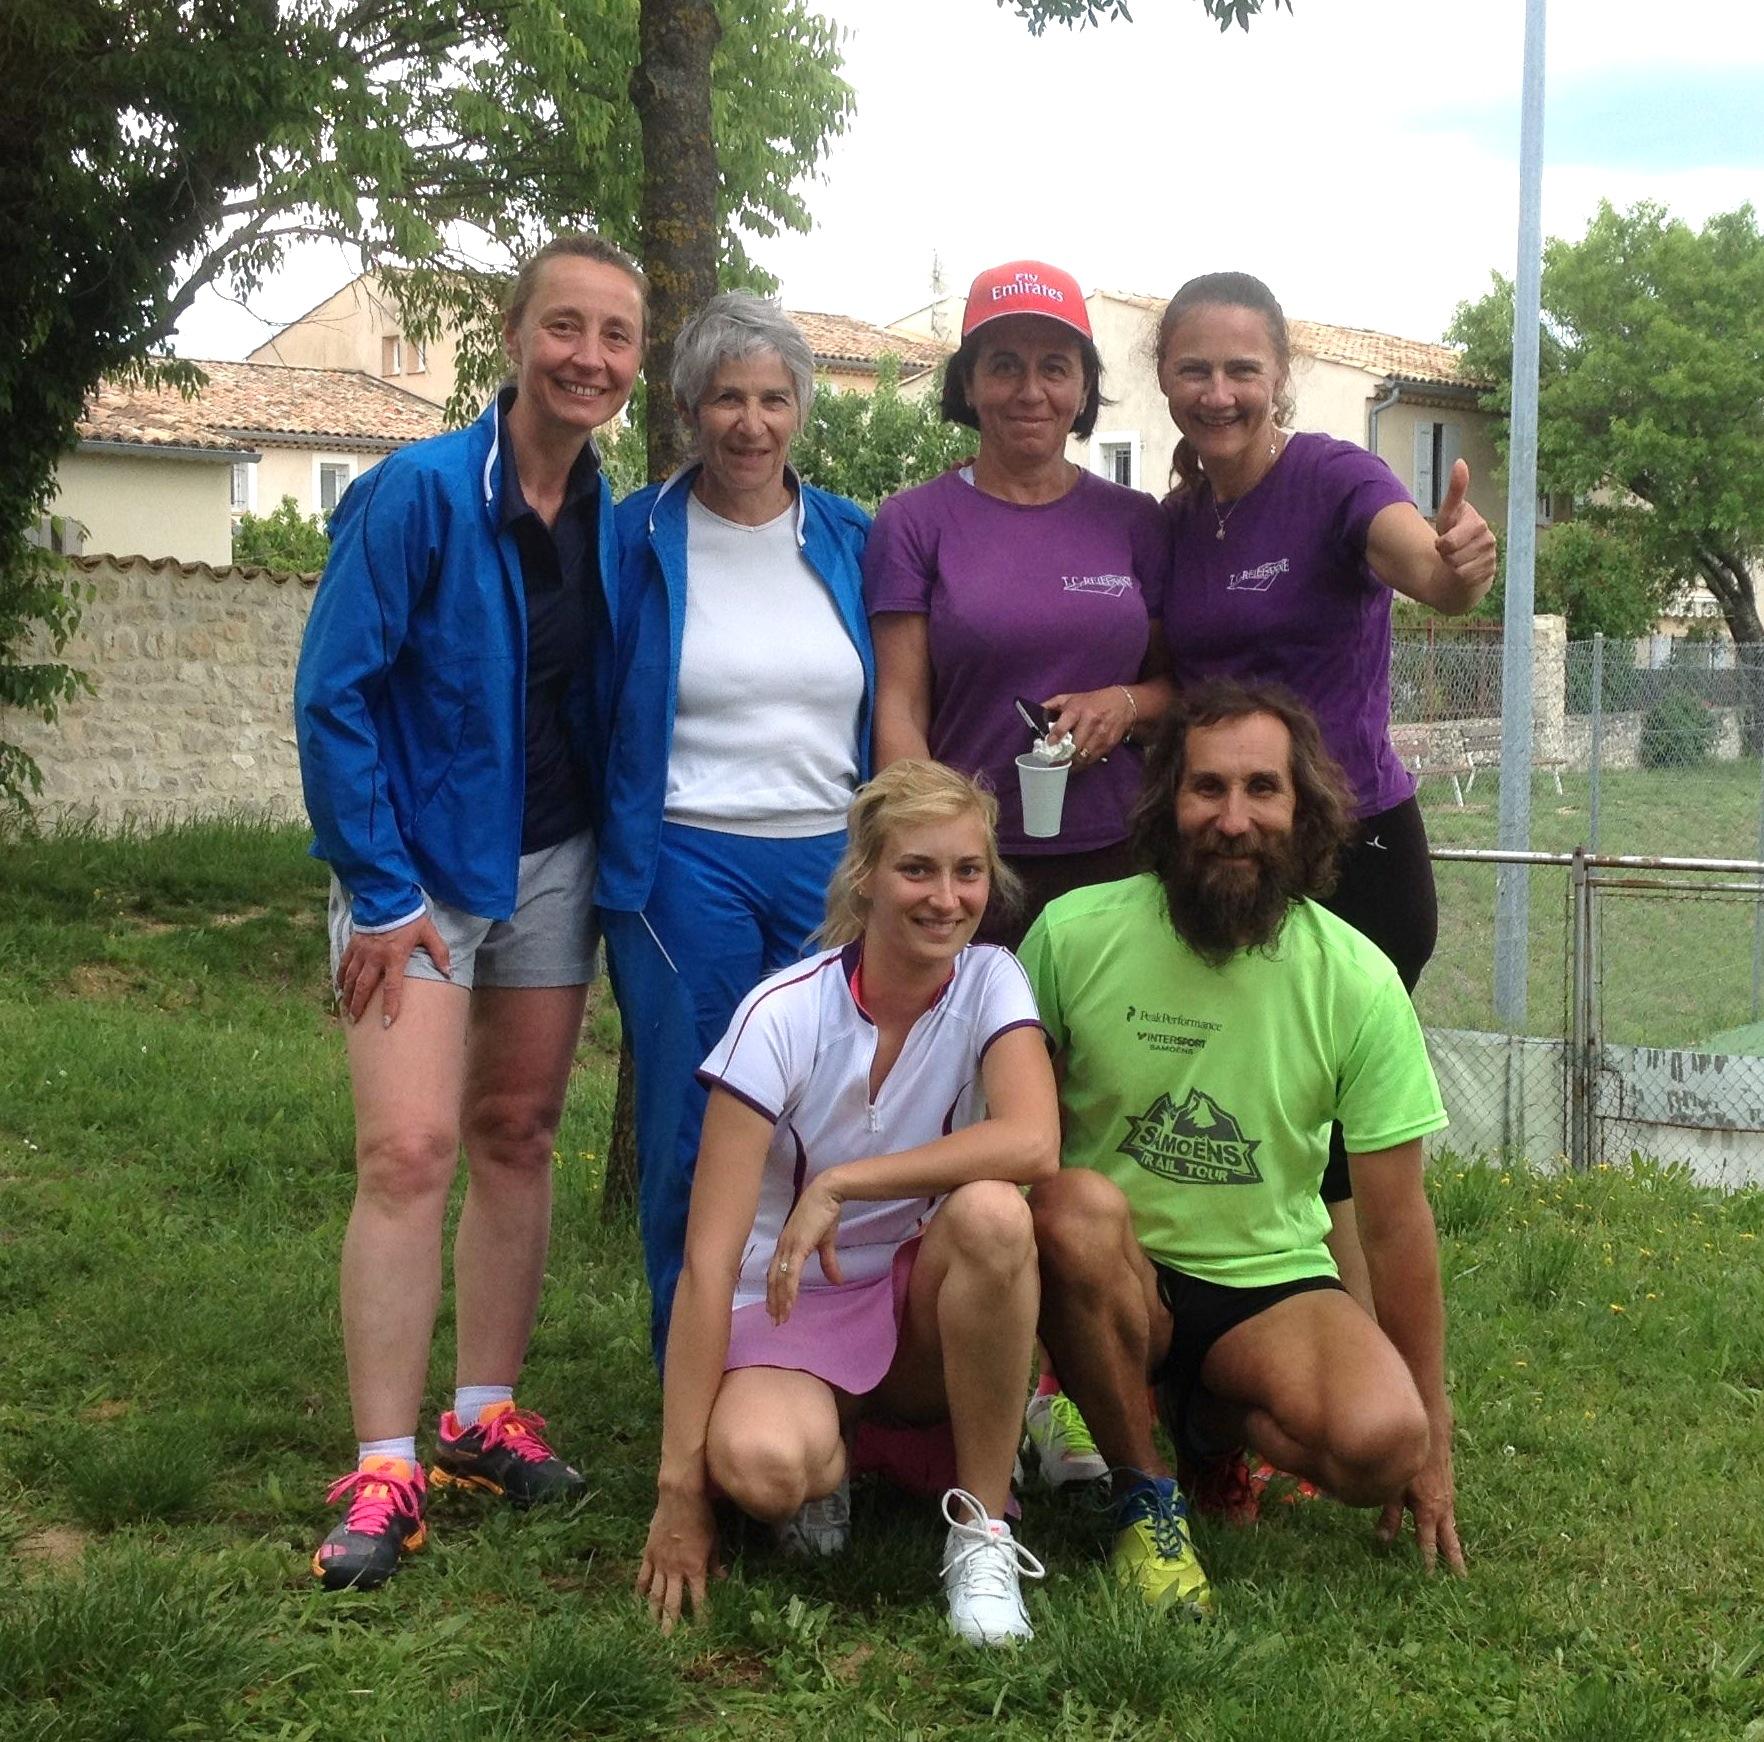 Les filles de Reillanne en finale (manque Lydie, Magali et Far qui ont participé activement au Championnat